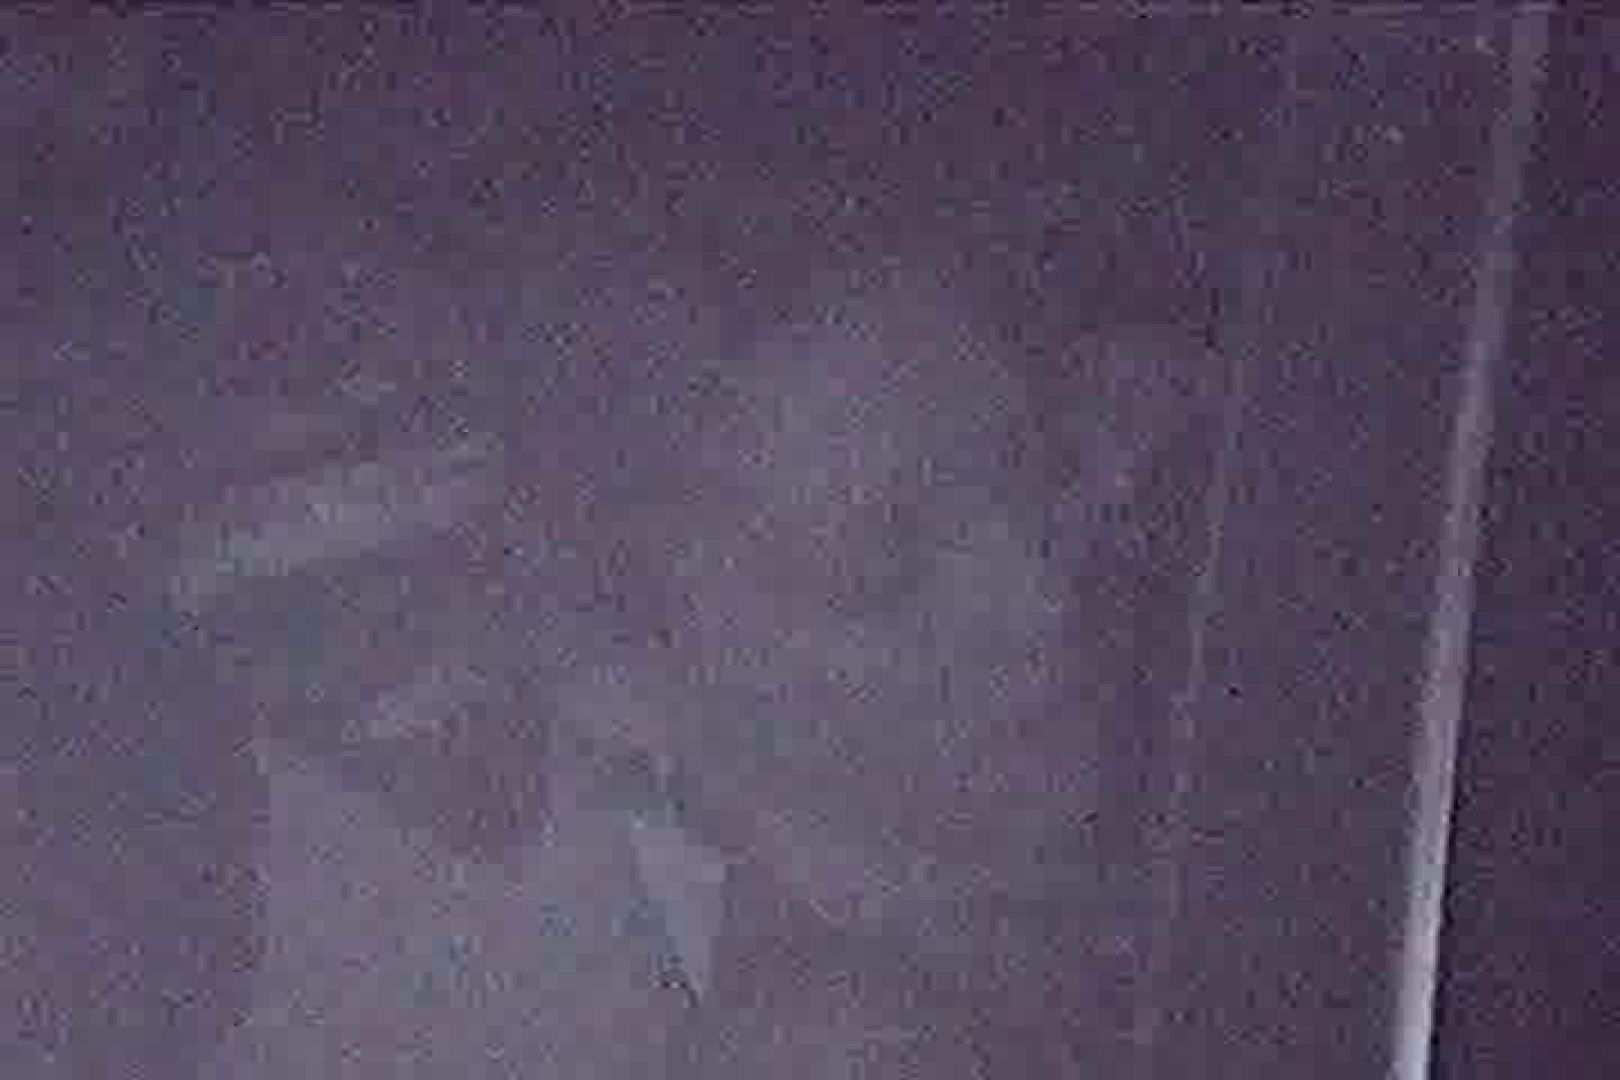 充血監督の深夜の運動会Vol.115 OLエロ画像  77PICs 52